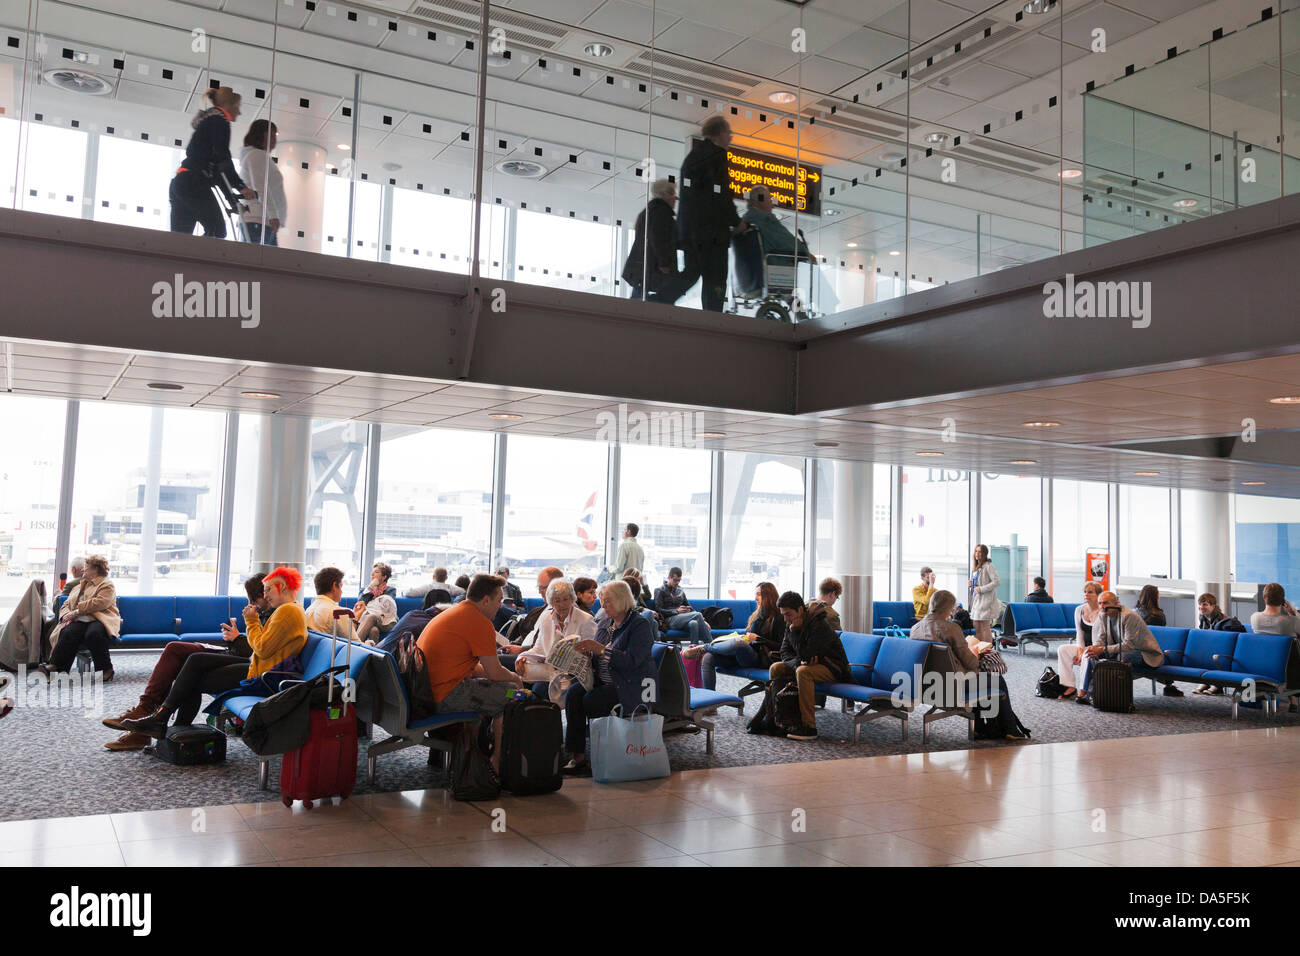 Les passagers qui attendent dans la salle d'embarquement de l'aéroport d'arrivée ci-dessous Photo Stock